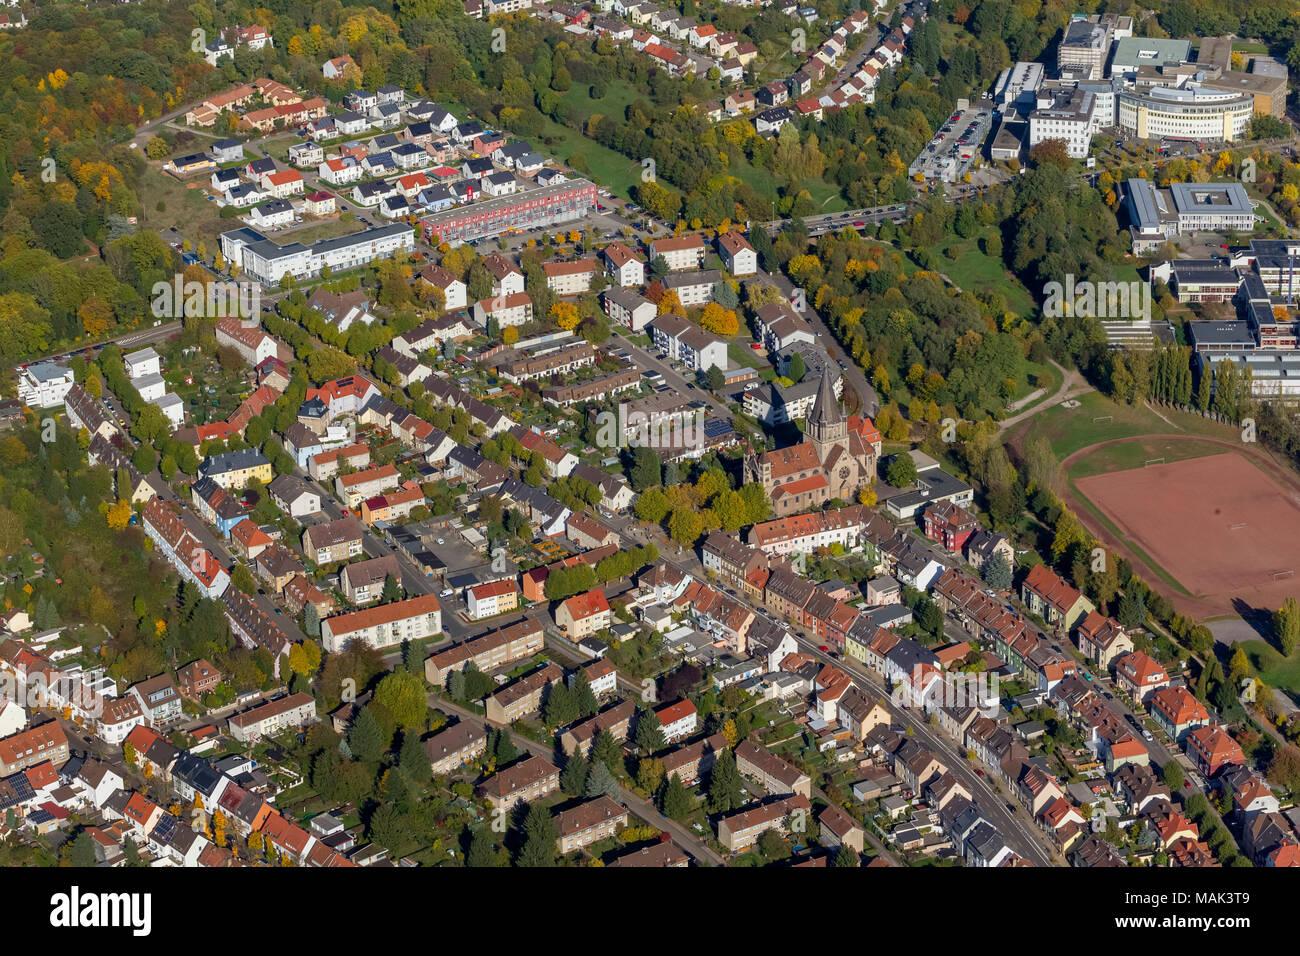 Luftbild, Kirche Burbach, Burbach, Saarbrücken, Saarland, Deutschland, Europa, birds-eyes view, Luftaufnahme, Luftbildfotografie, Luftfotografie, over - Stock Image